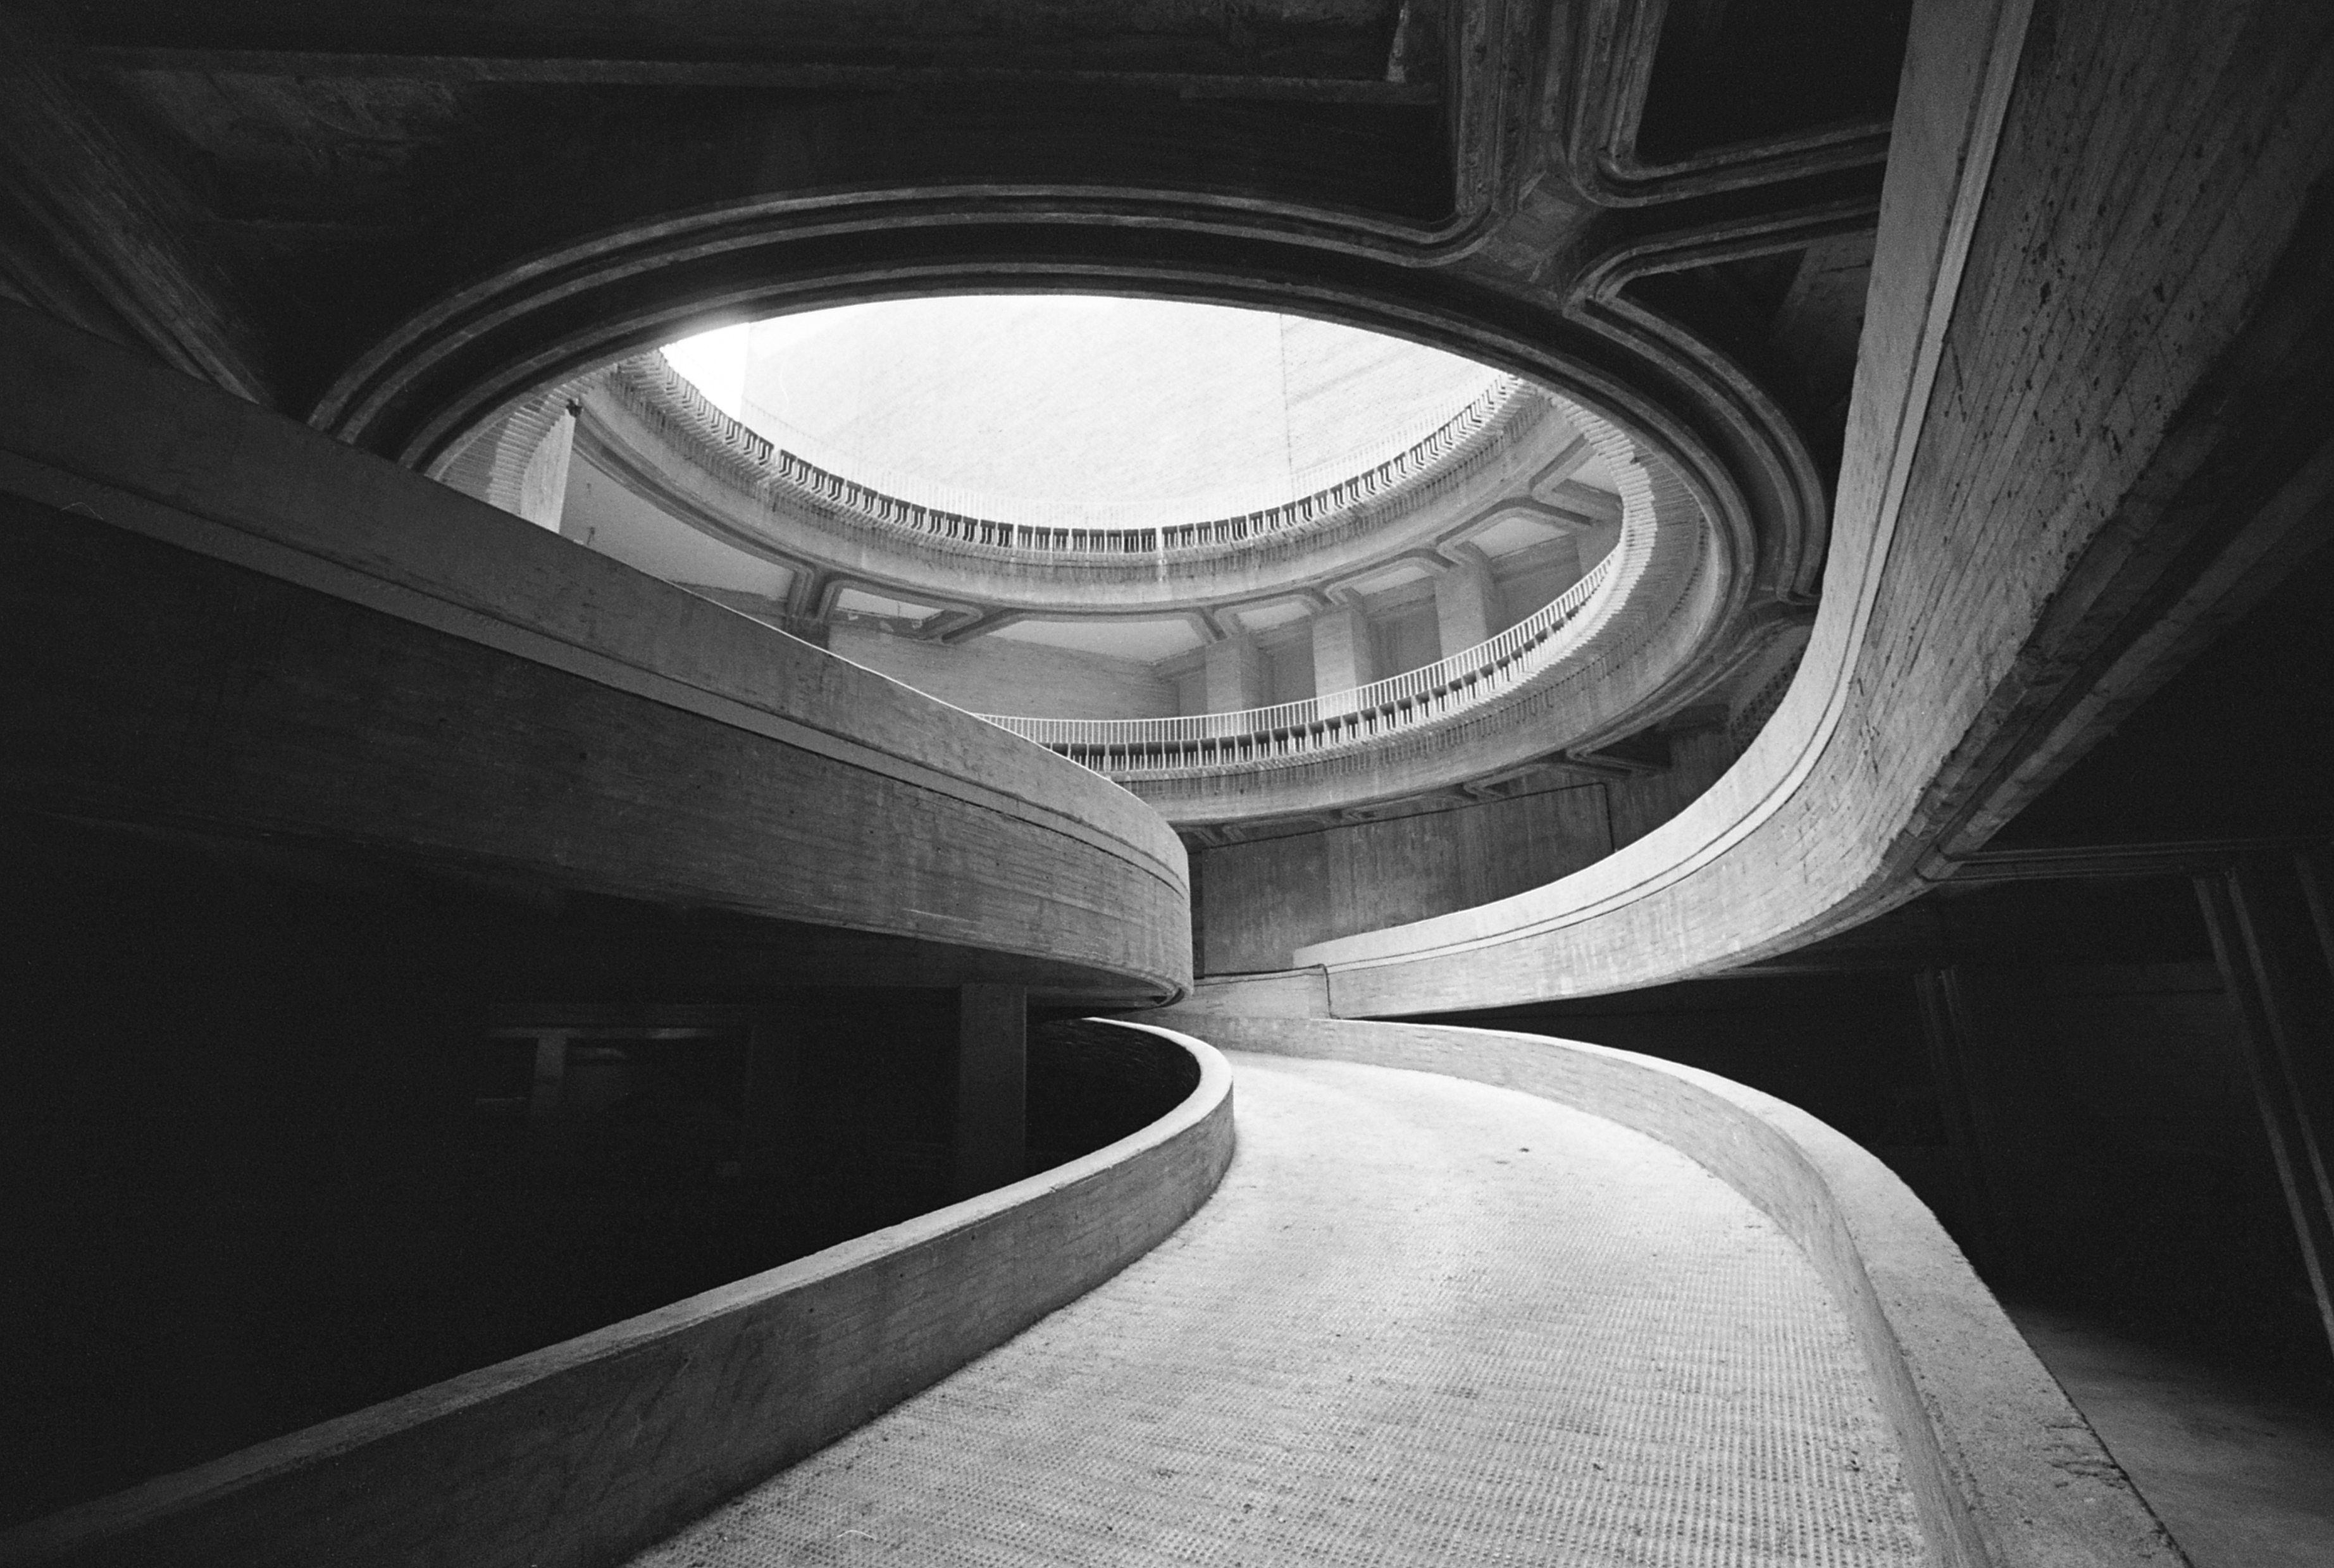 Fotograf a y arquitectura moderna en espa a entrevista a for Arquitectos y sus obras